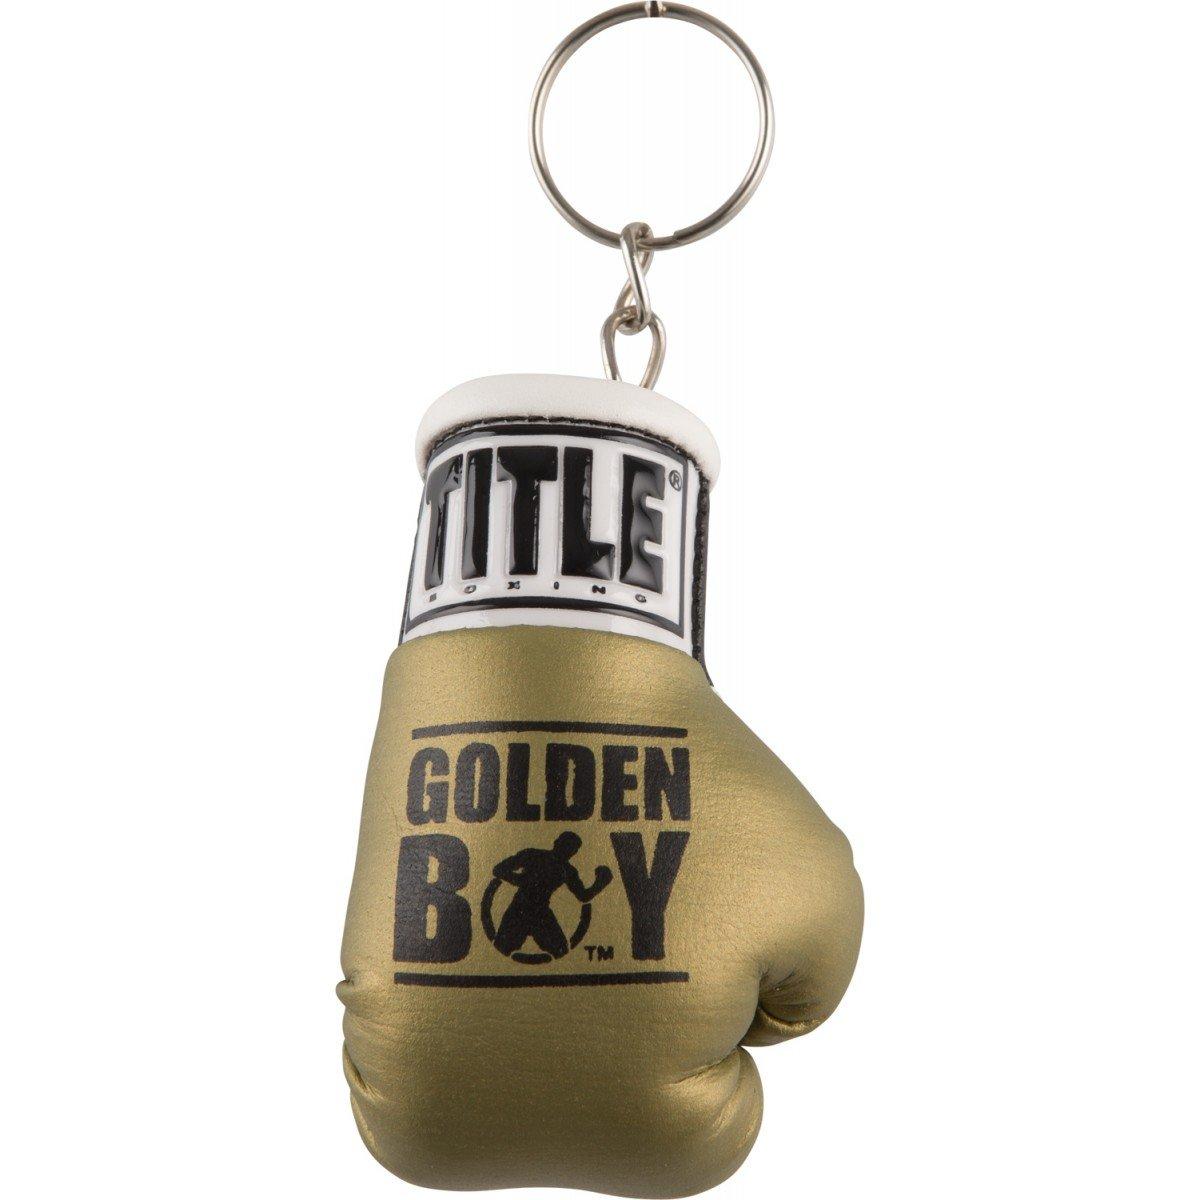 Amazon.com: dorado Boy guante de boxeo Llaveros, Negro ...